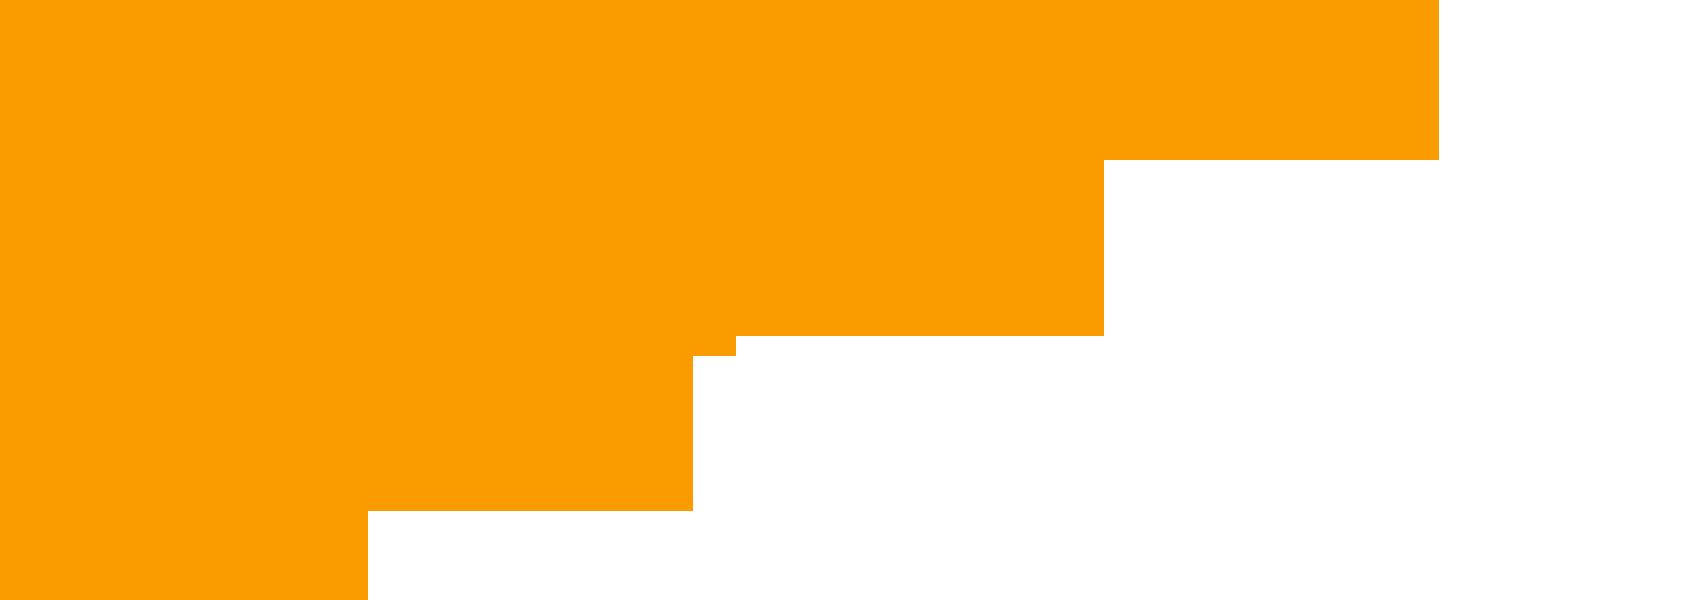 orange_slice